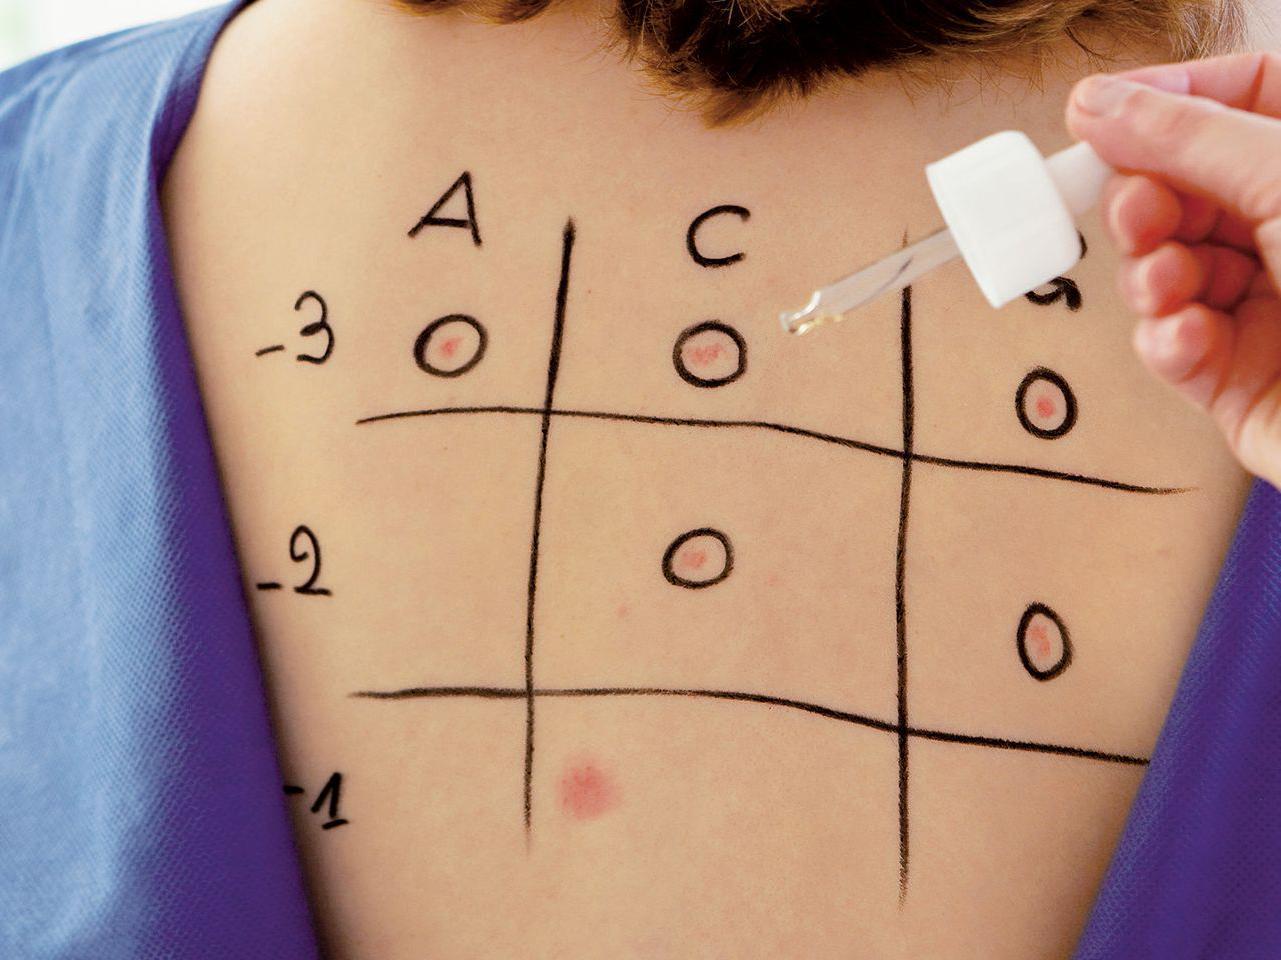 testy alergiczne kiedy sie robi